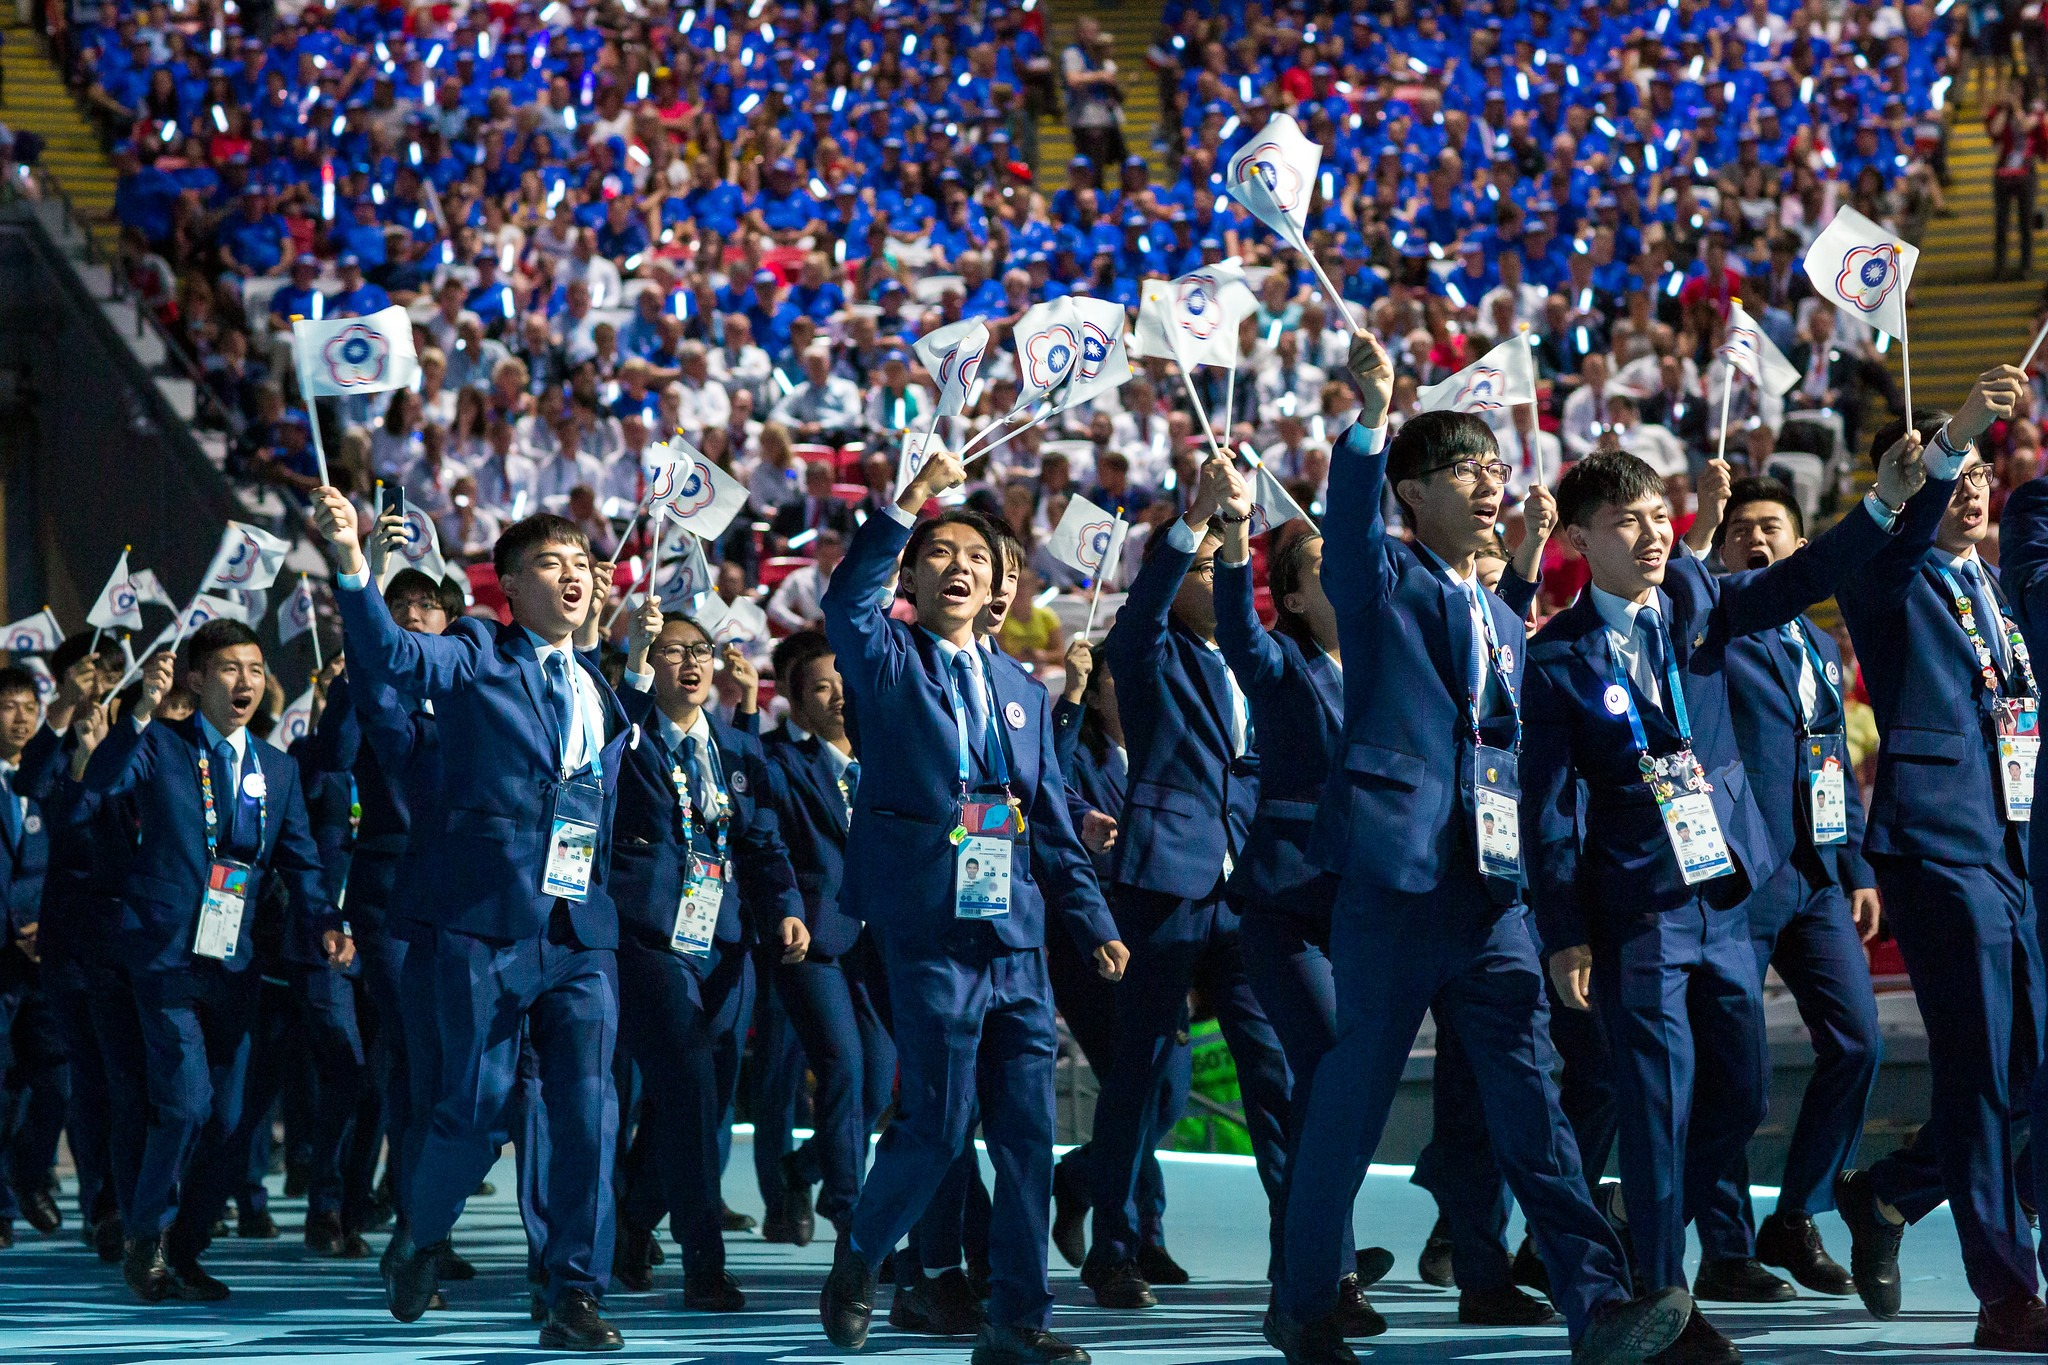 (影)台灣國手開幕進場 驚豔全世界